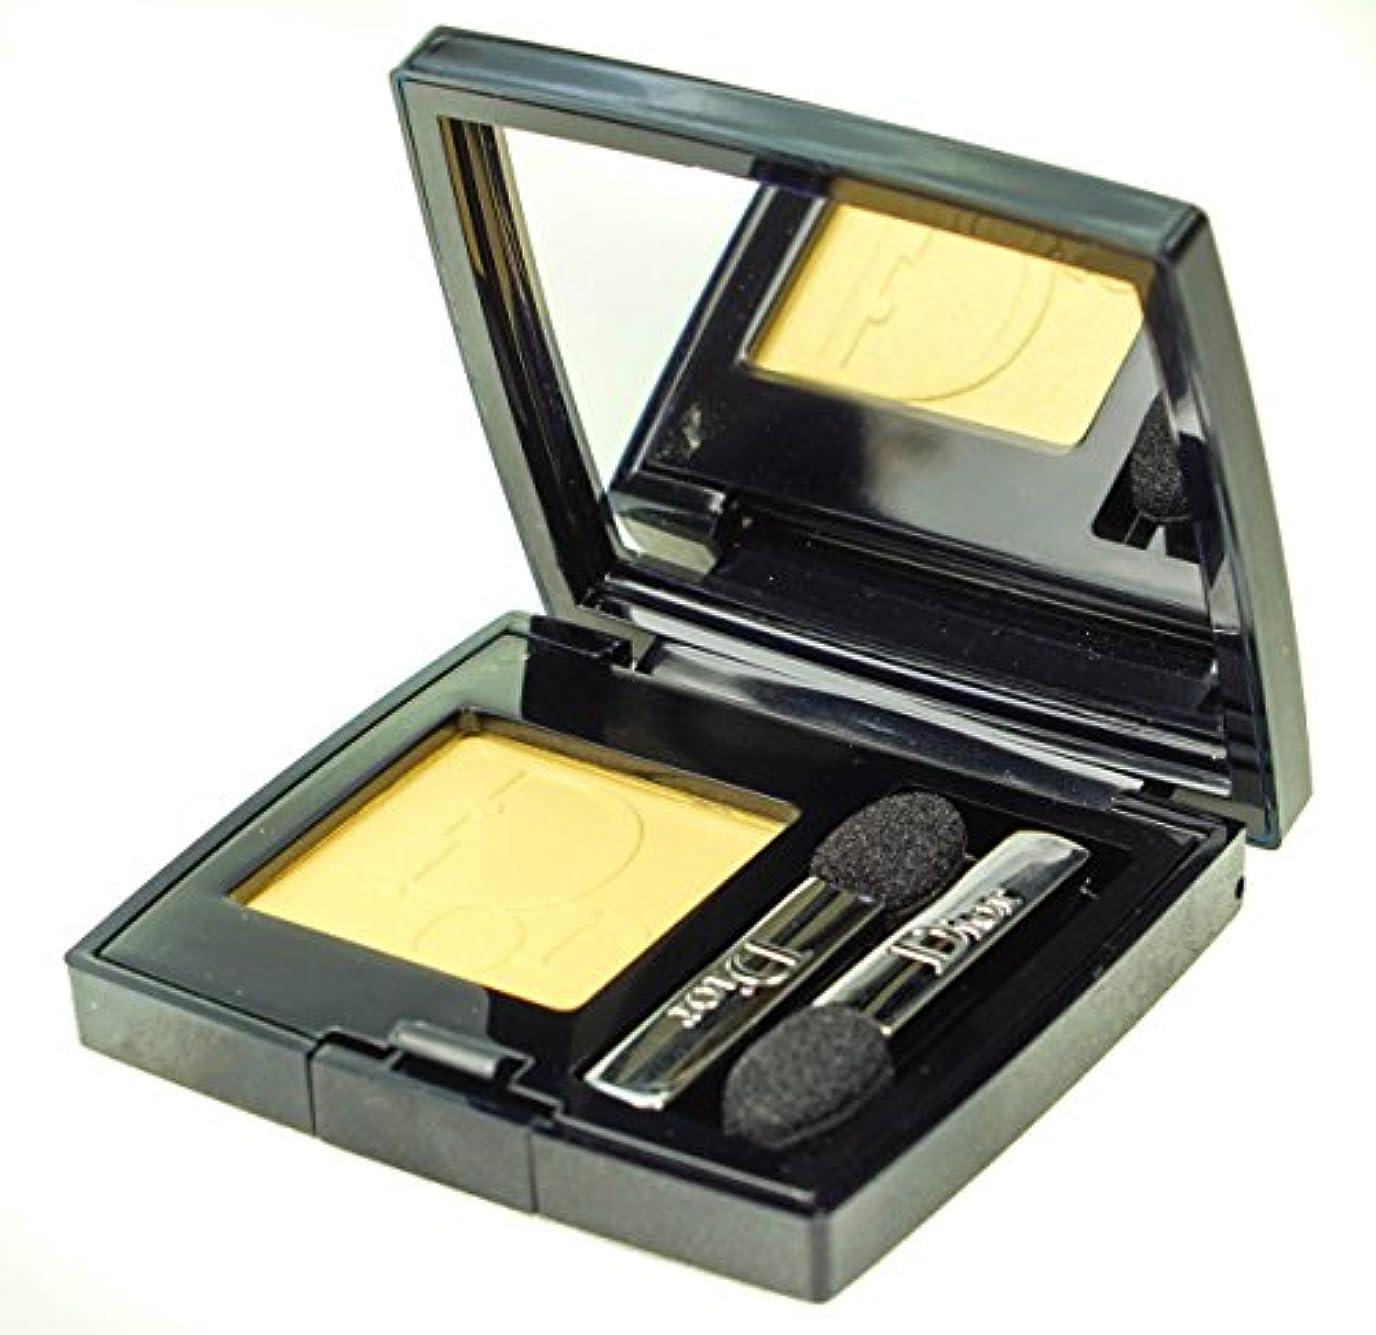 すべき制約レンドクリスチャンディオール Diorshow Mono Wet & Dry Backstage Eyeshadow - # 547 Yellow 2.2g/0.07oz